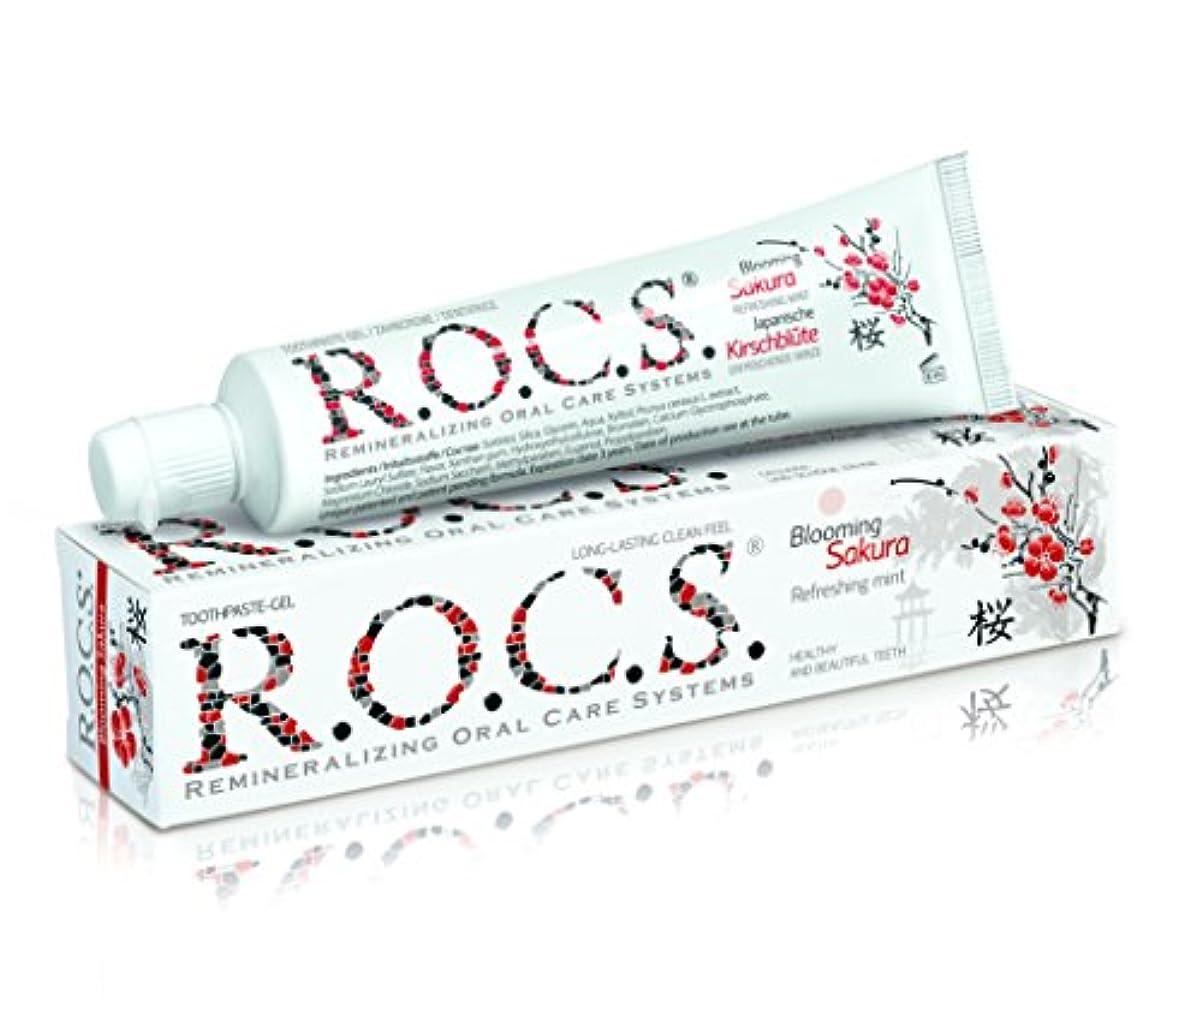 バング討論不変R.O.C.S. ロックス歯磨き粉 ブルーミング サクラ